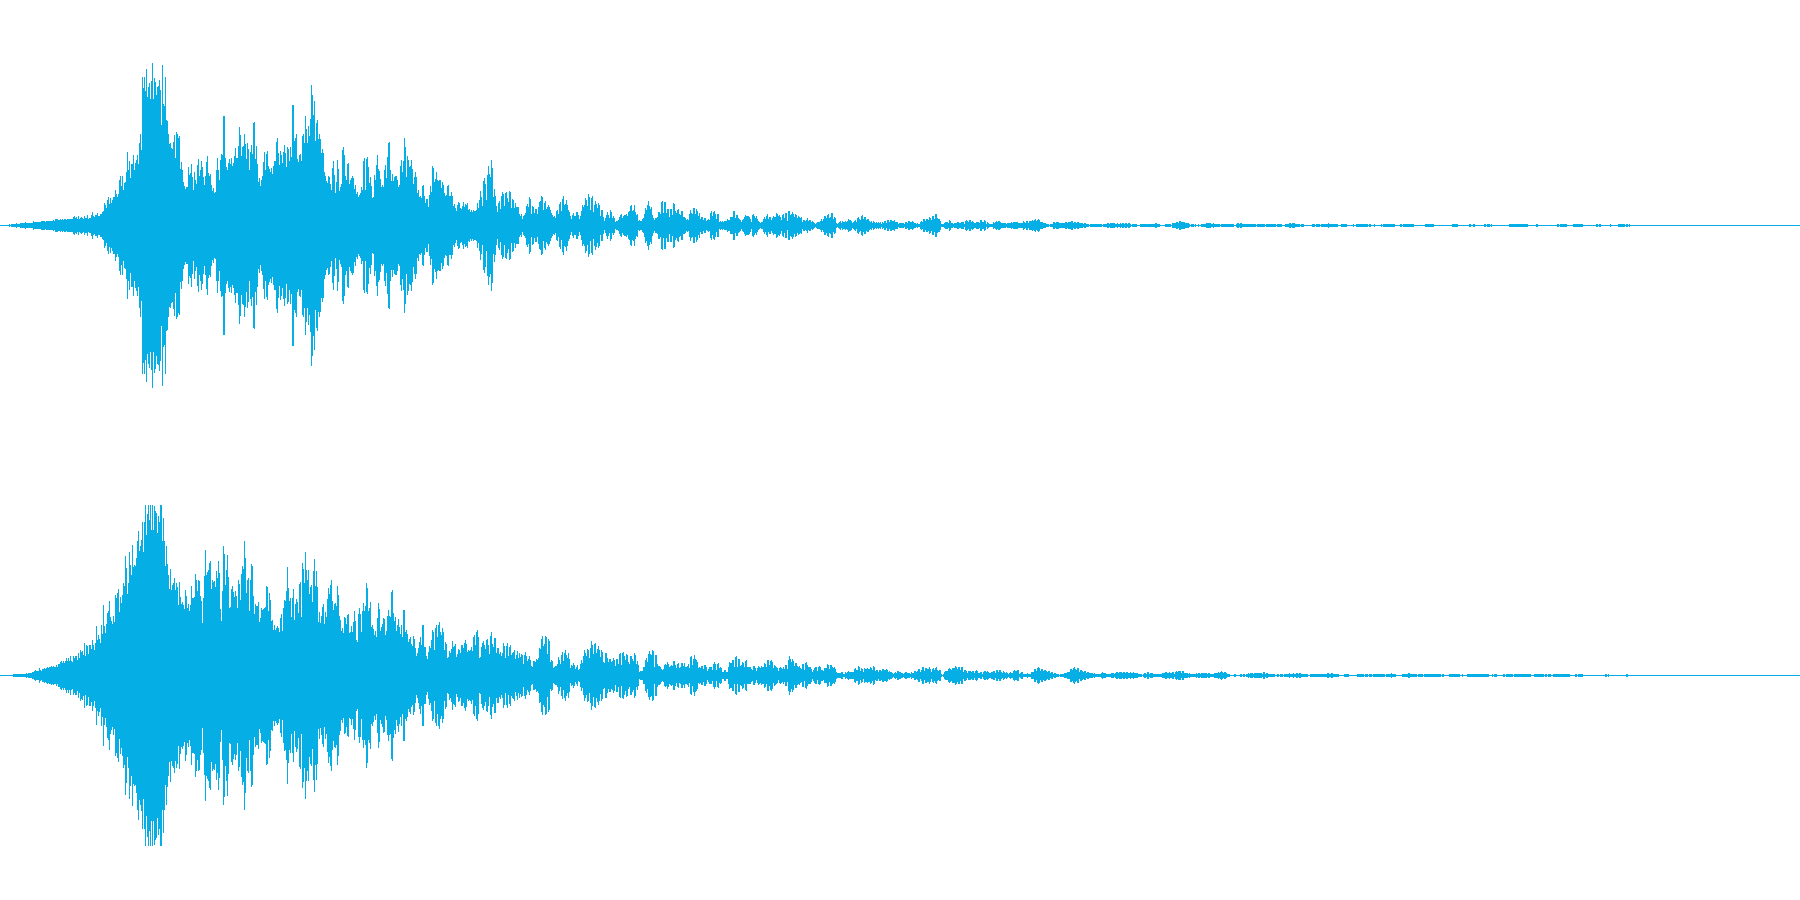 ホラー系アタック音81の再生済みの波形